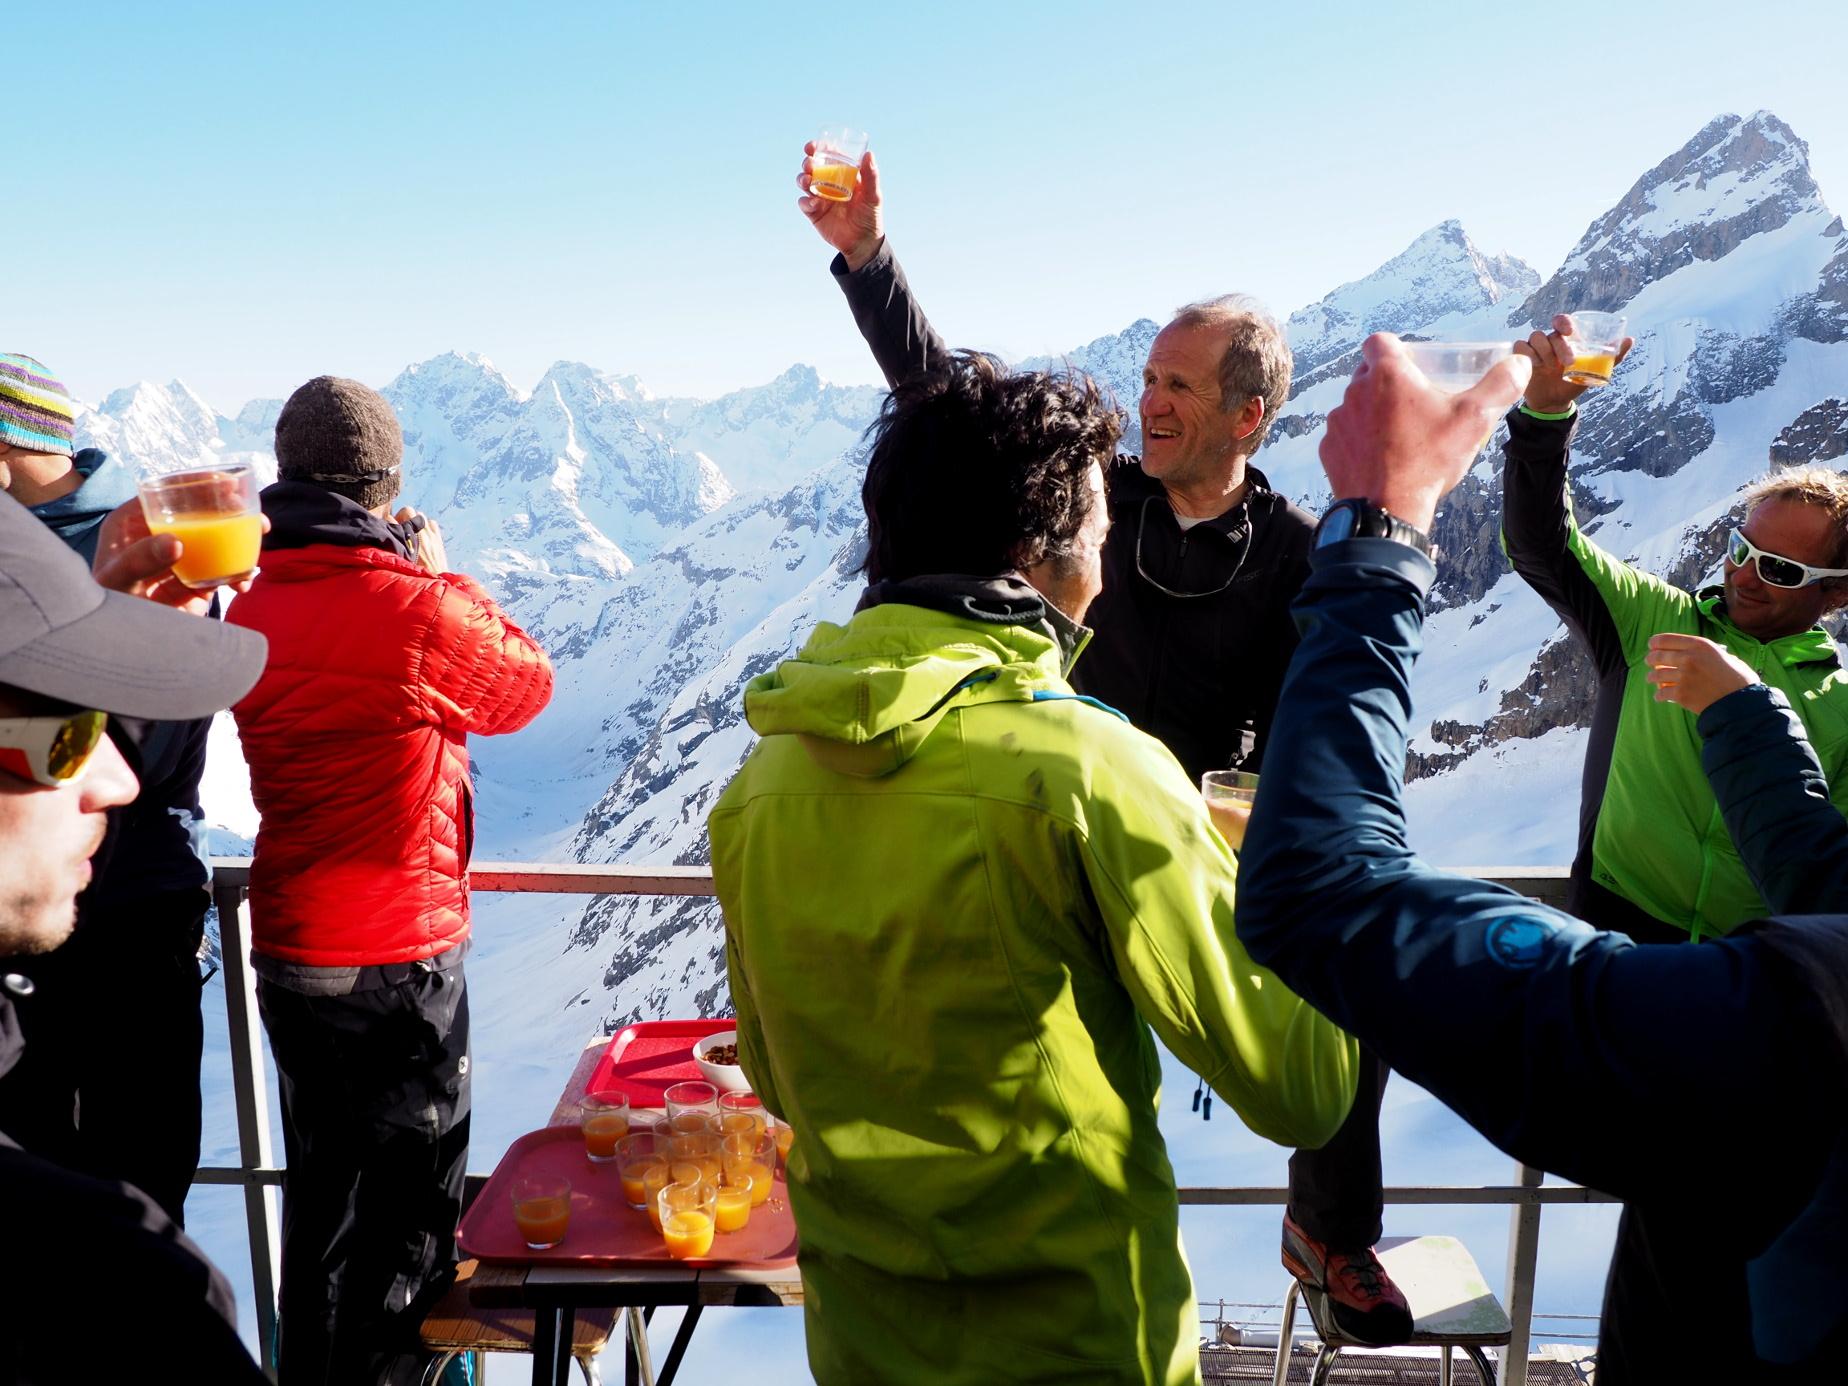 Avec les derniers rayons de soleil, hier l'apéro était servi  sur la terrasse pour les 35 skieurs de rando présents au refuge